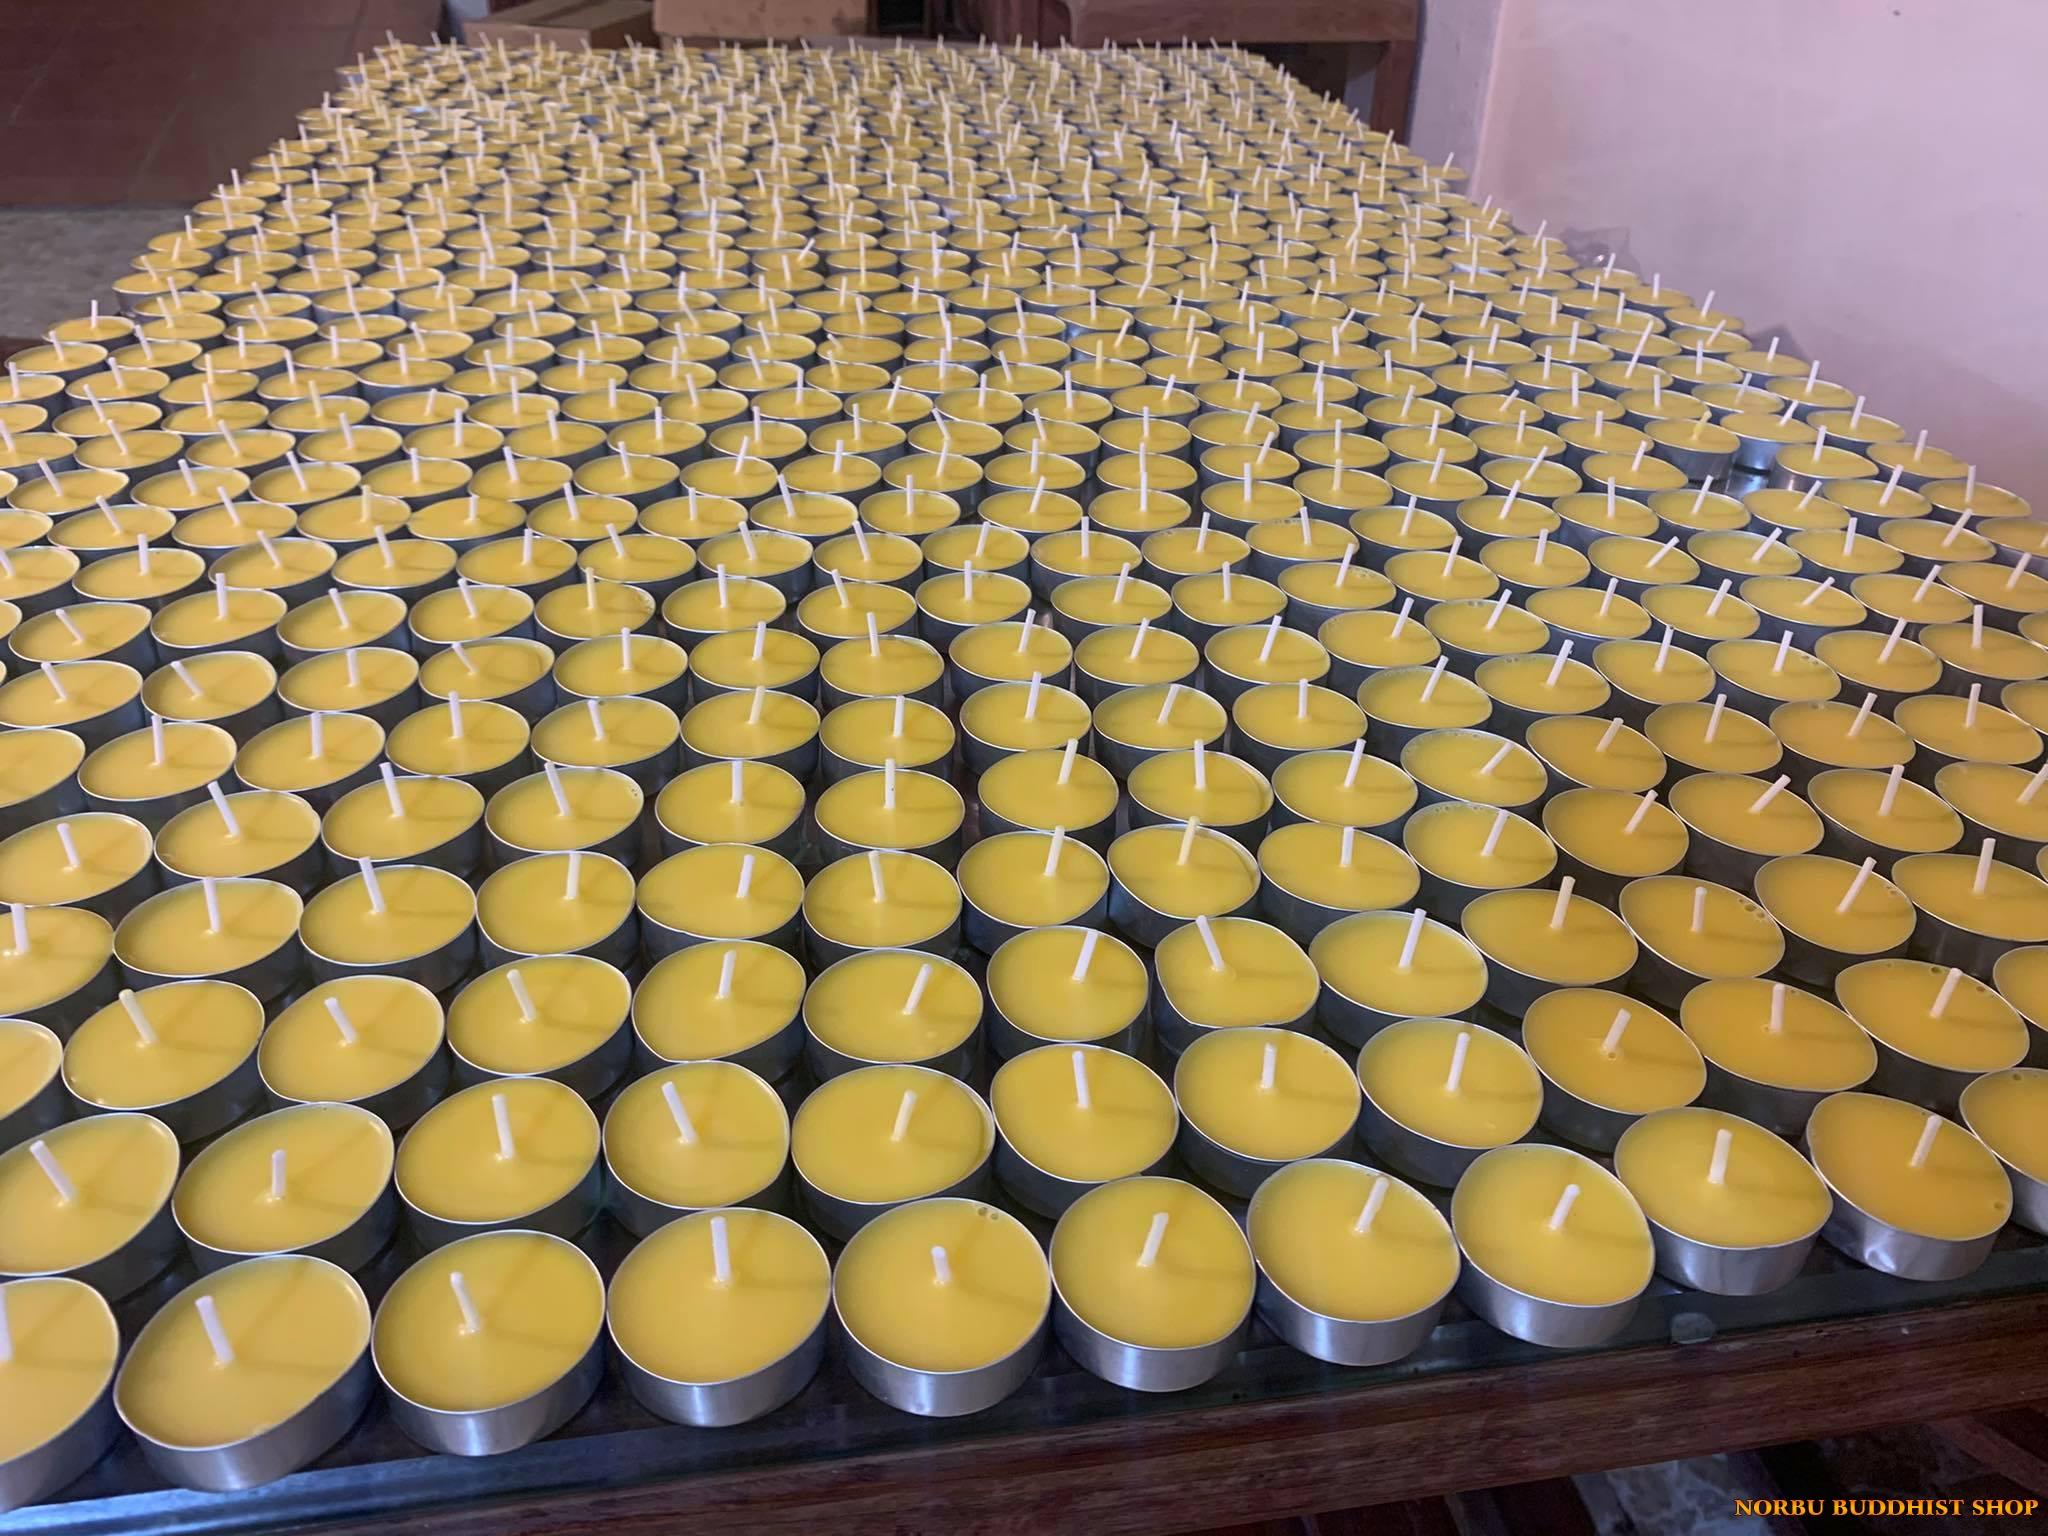 Cúng dường nến bơ mang tới công đức mãnh liệt 3